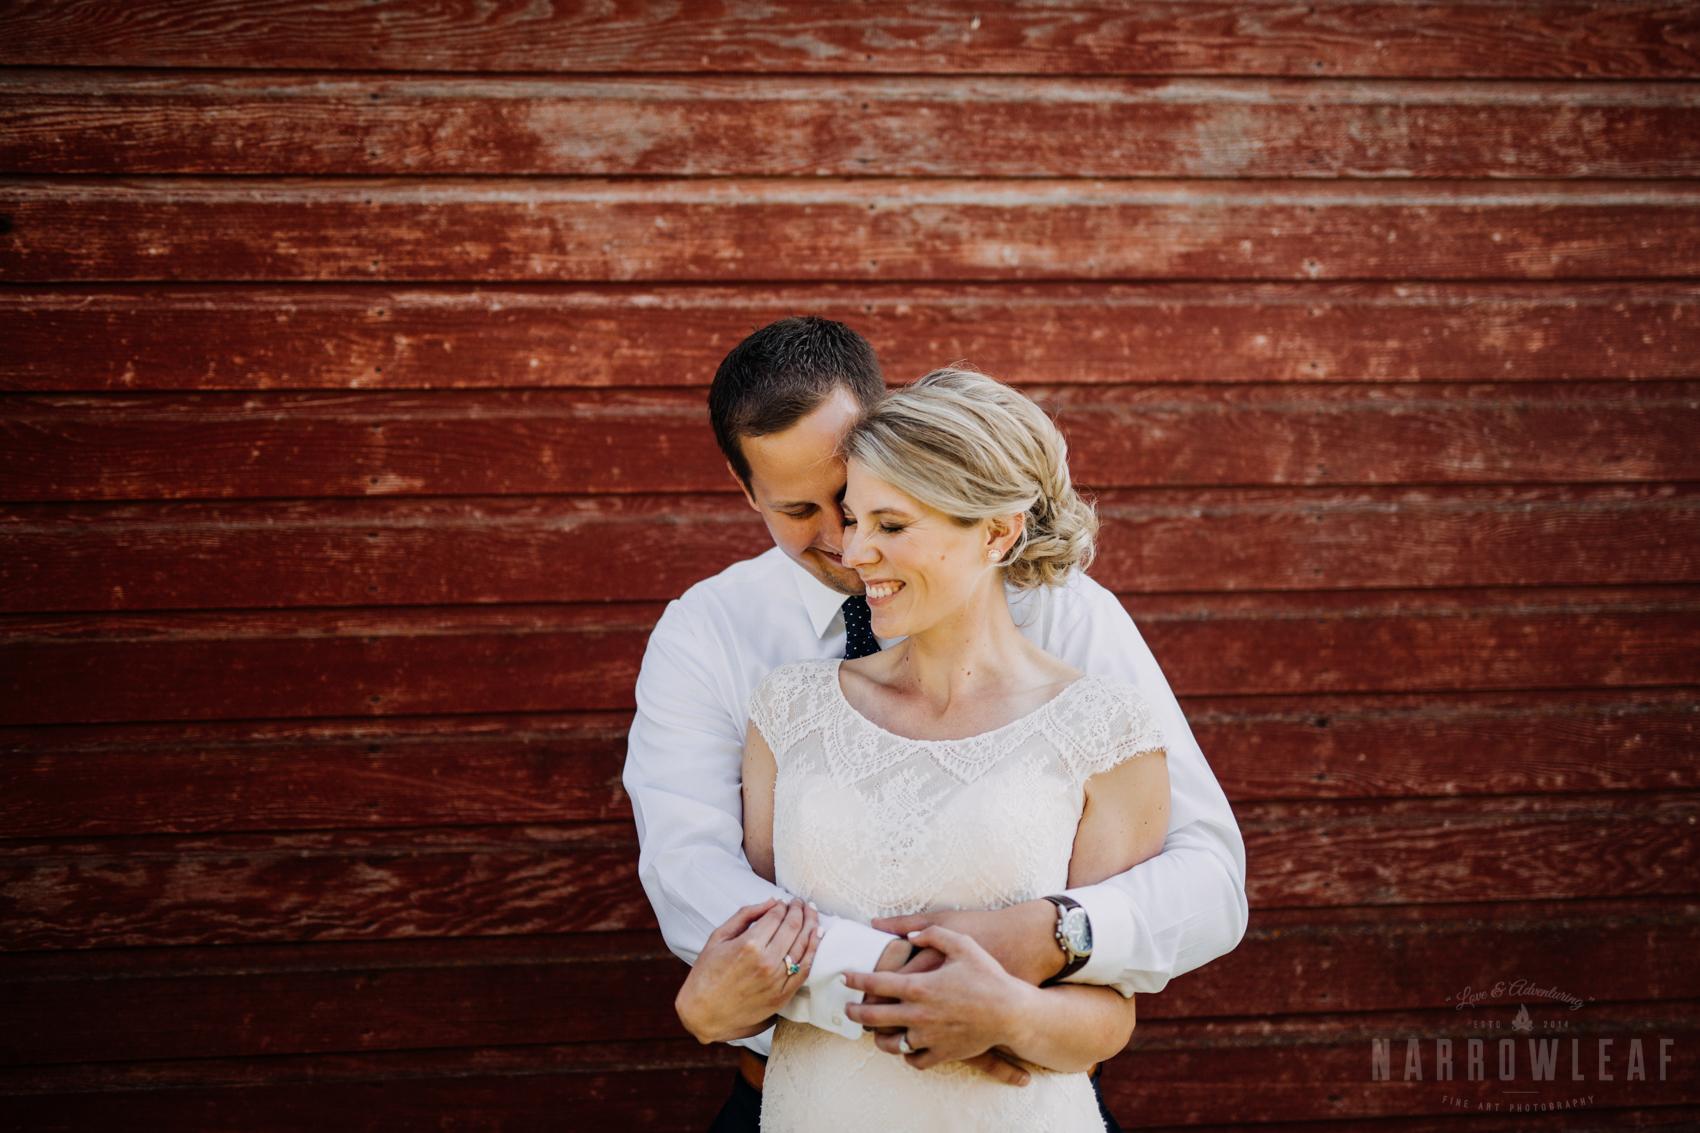 bride-groom-cuddly-wedding-photos-red-barn-32.jpg